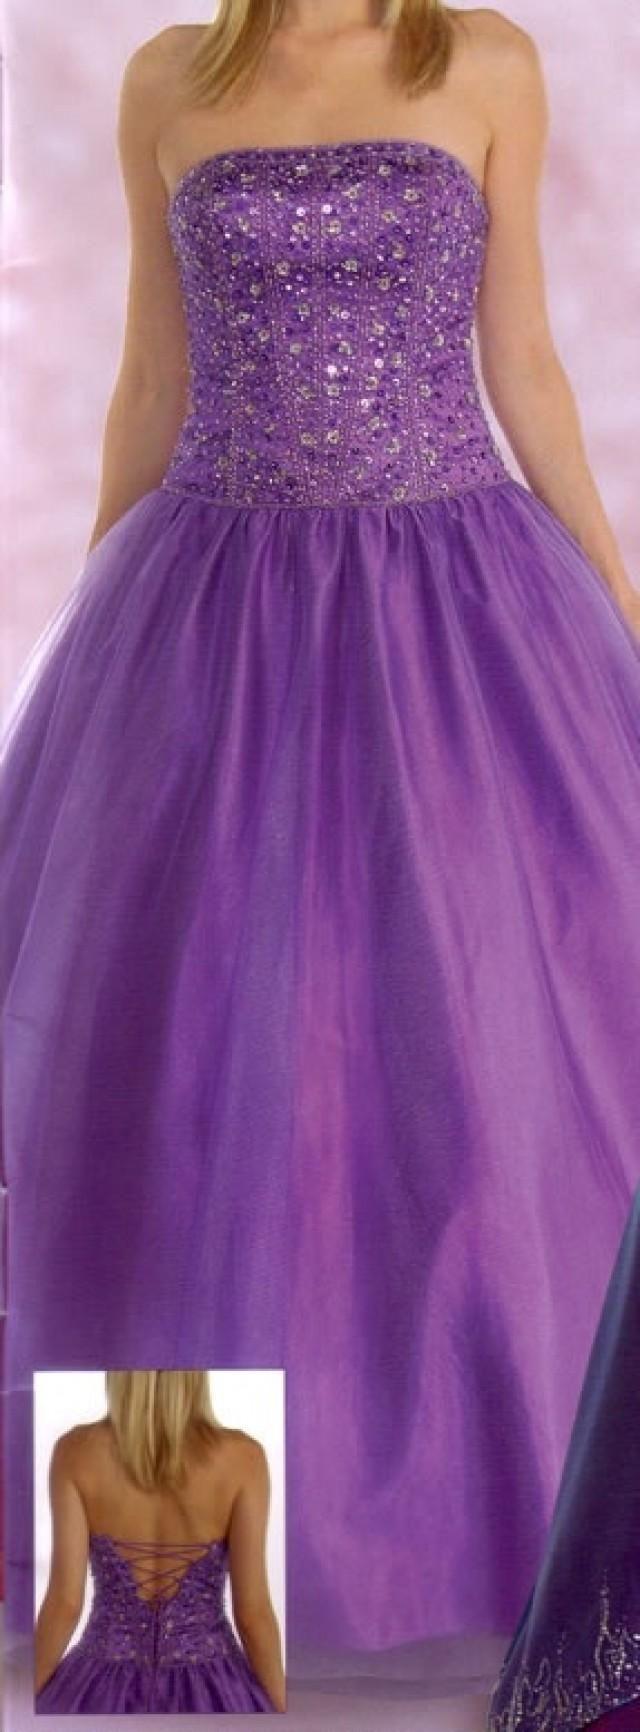 23 besten Purple/Lavender Weddings Bilder auf Pinterest ...